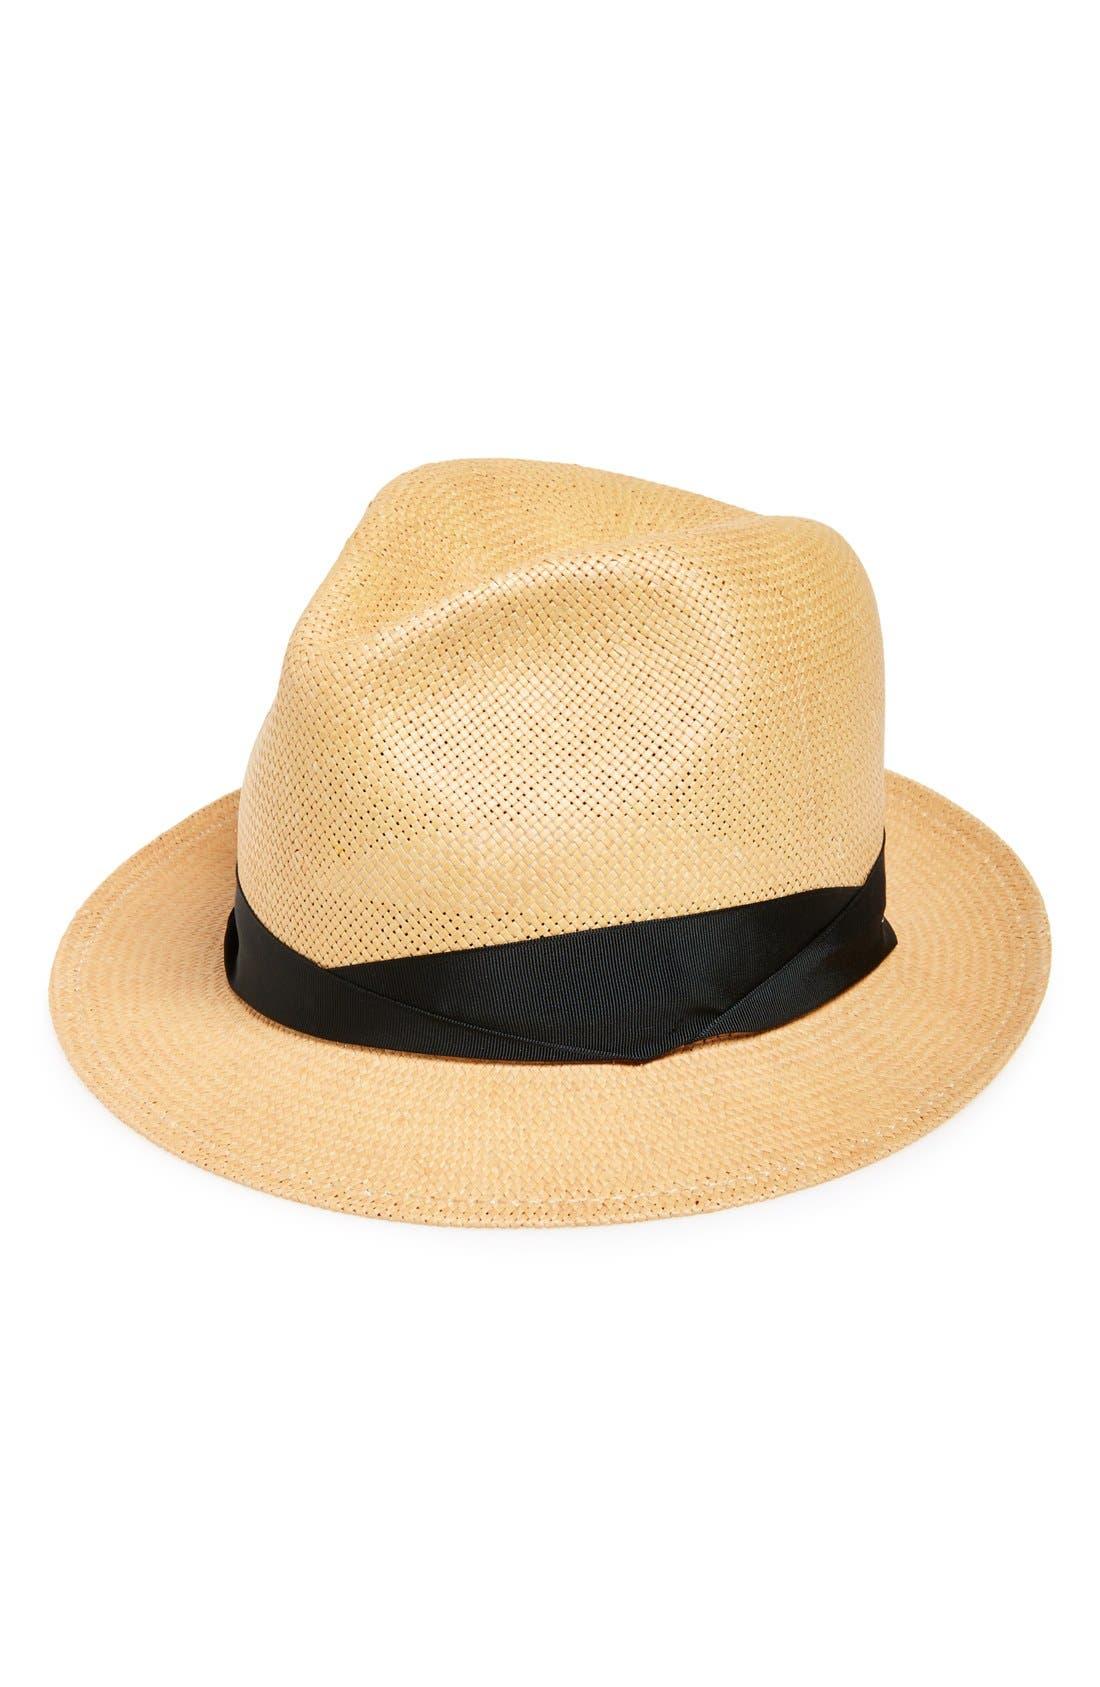 Main Image - rag & bone 'Summer' Straw Fedora